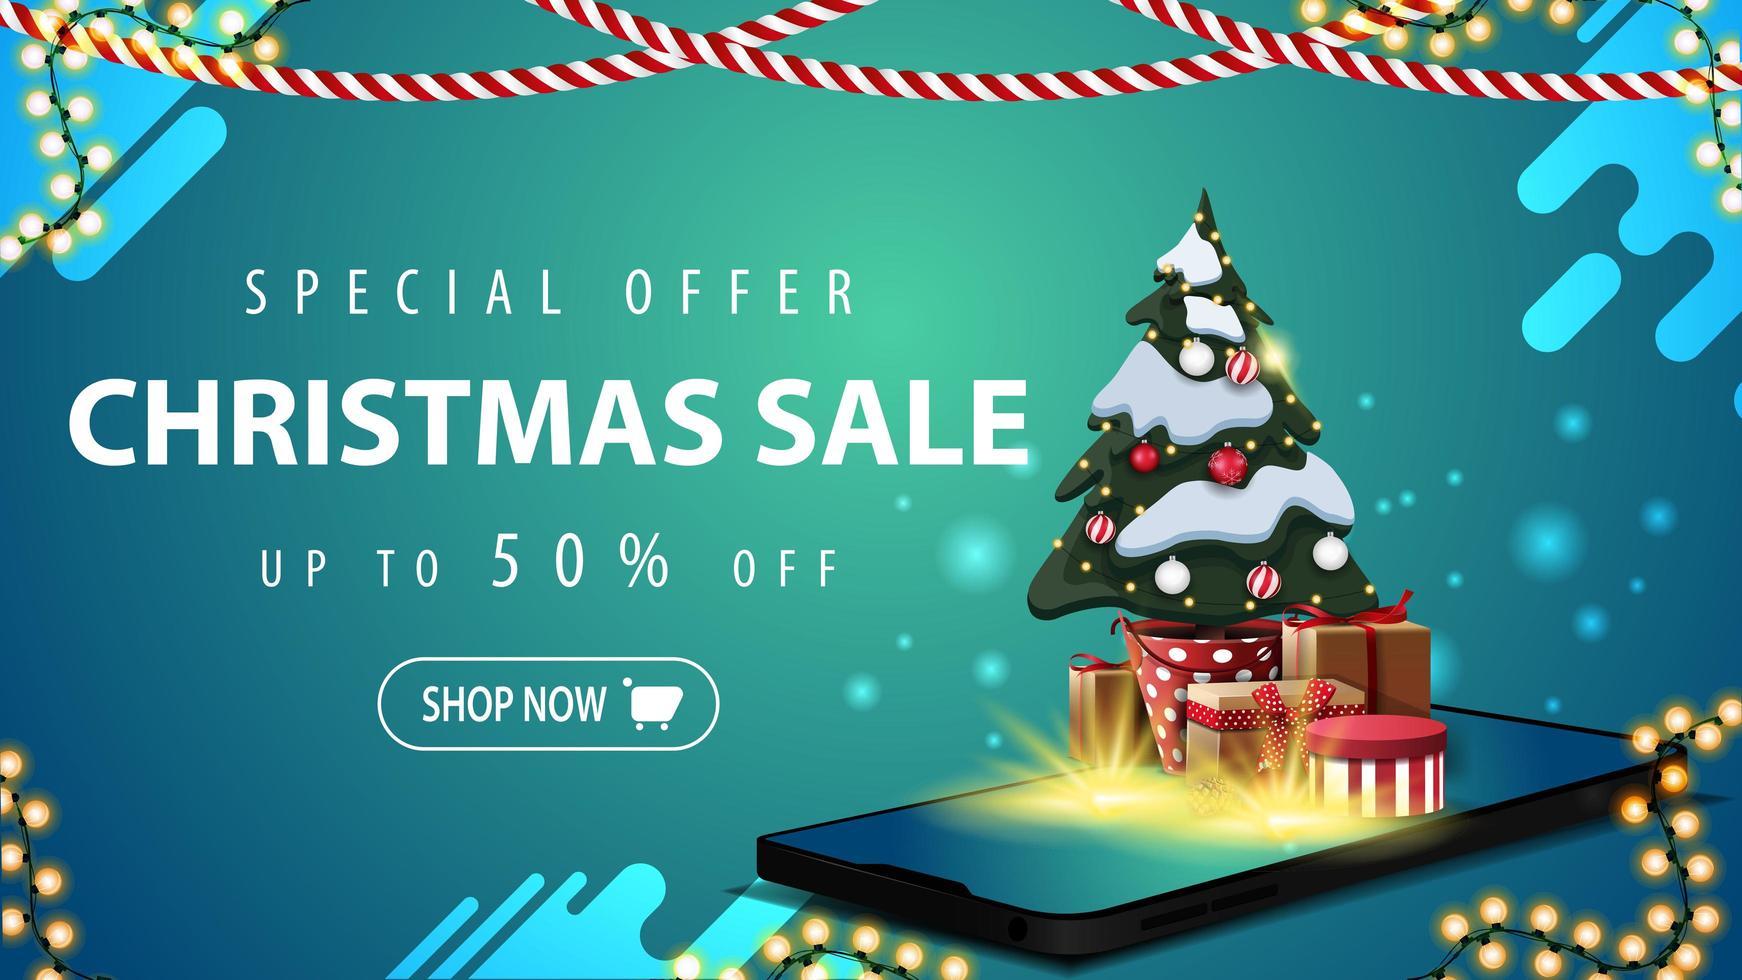 Sonderangebot, Weihnachtsverkauf, bis zu 50 Rabatt, blaues Rabattbanner für Website mit Girlanden, Knopf und Smartphone vom Bildschirm, die Weihnachtsbaum in einem Topf mit Geschenken erscheinen vektor